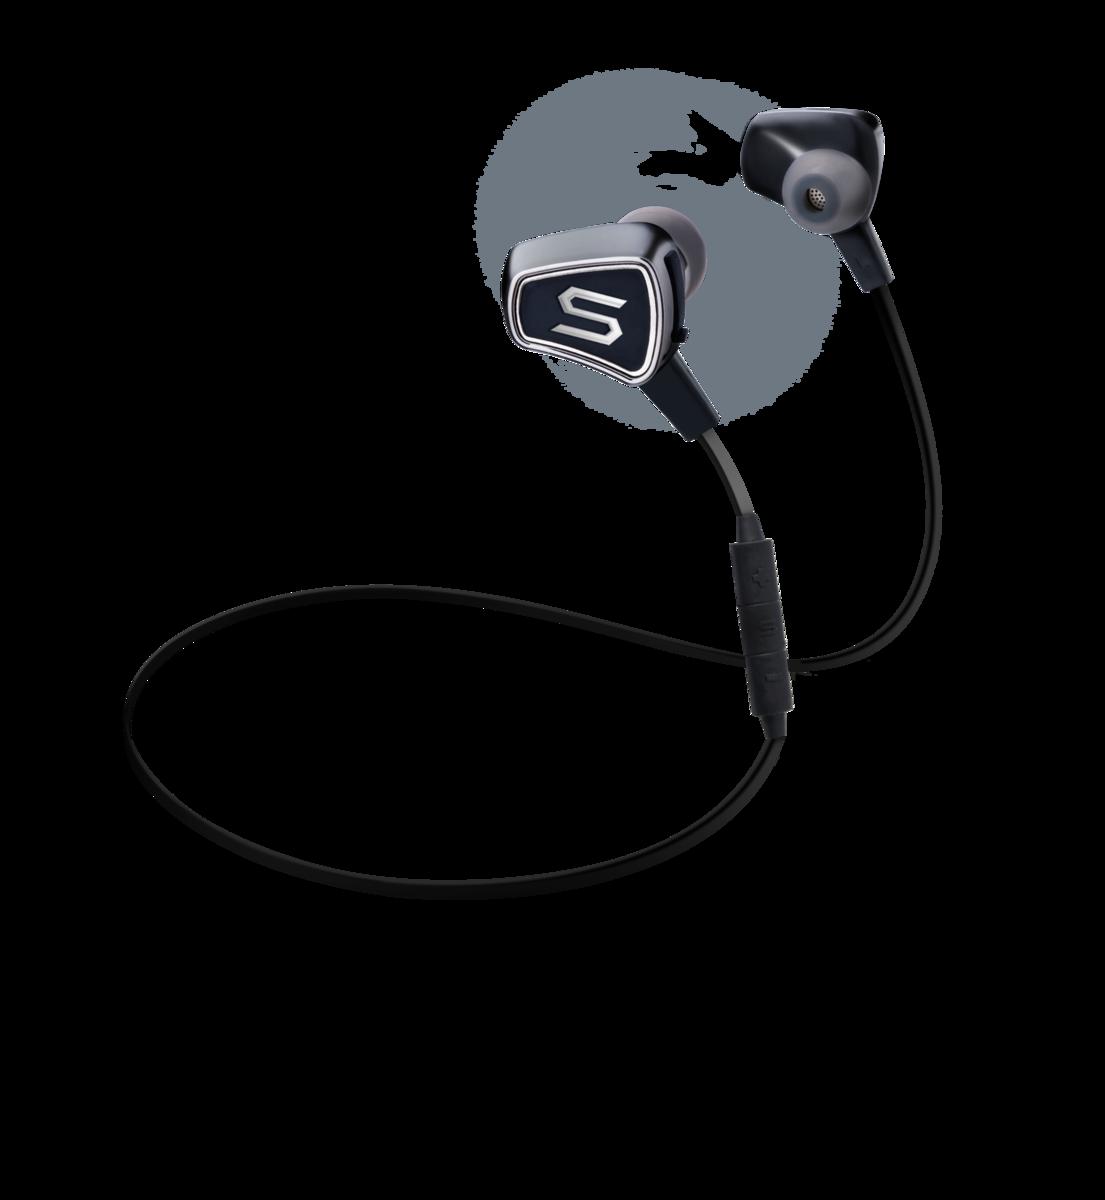 Impact Wireless 藍牙無線運動耳機